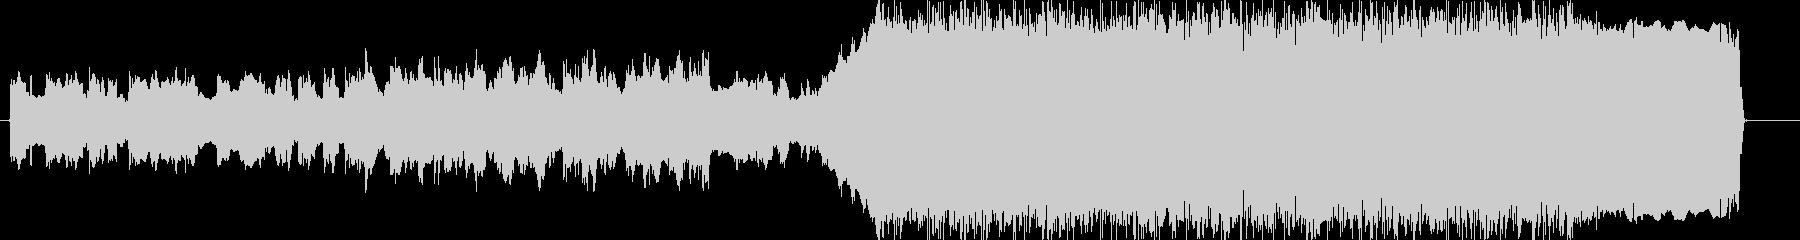 メタル KORN風 盛り上がるイントロの未再生の波形